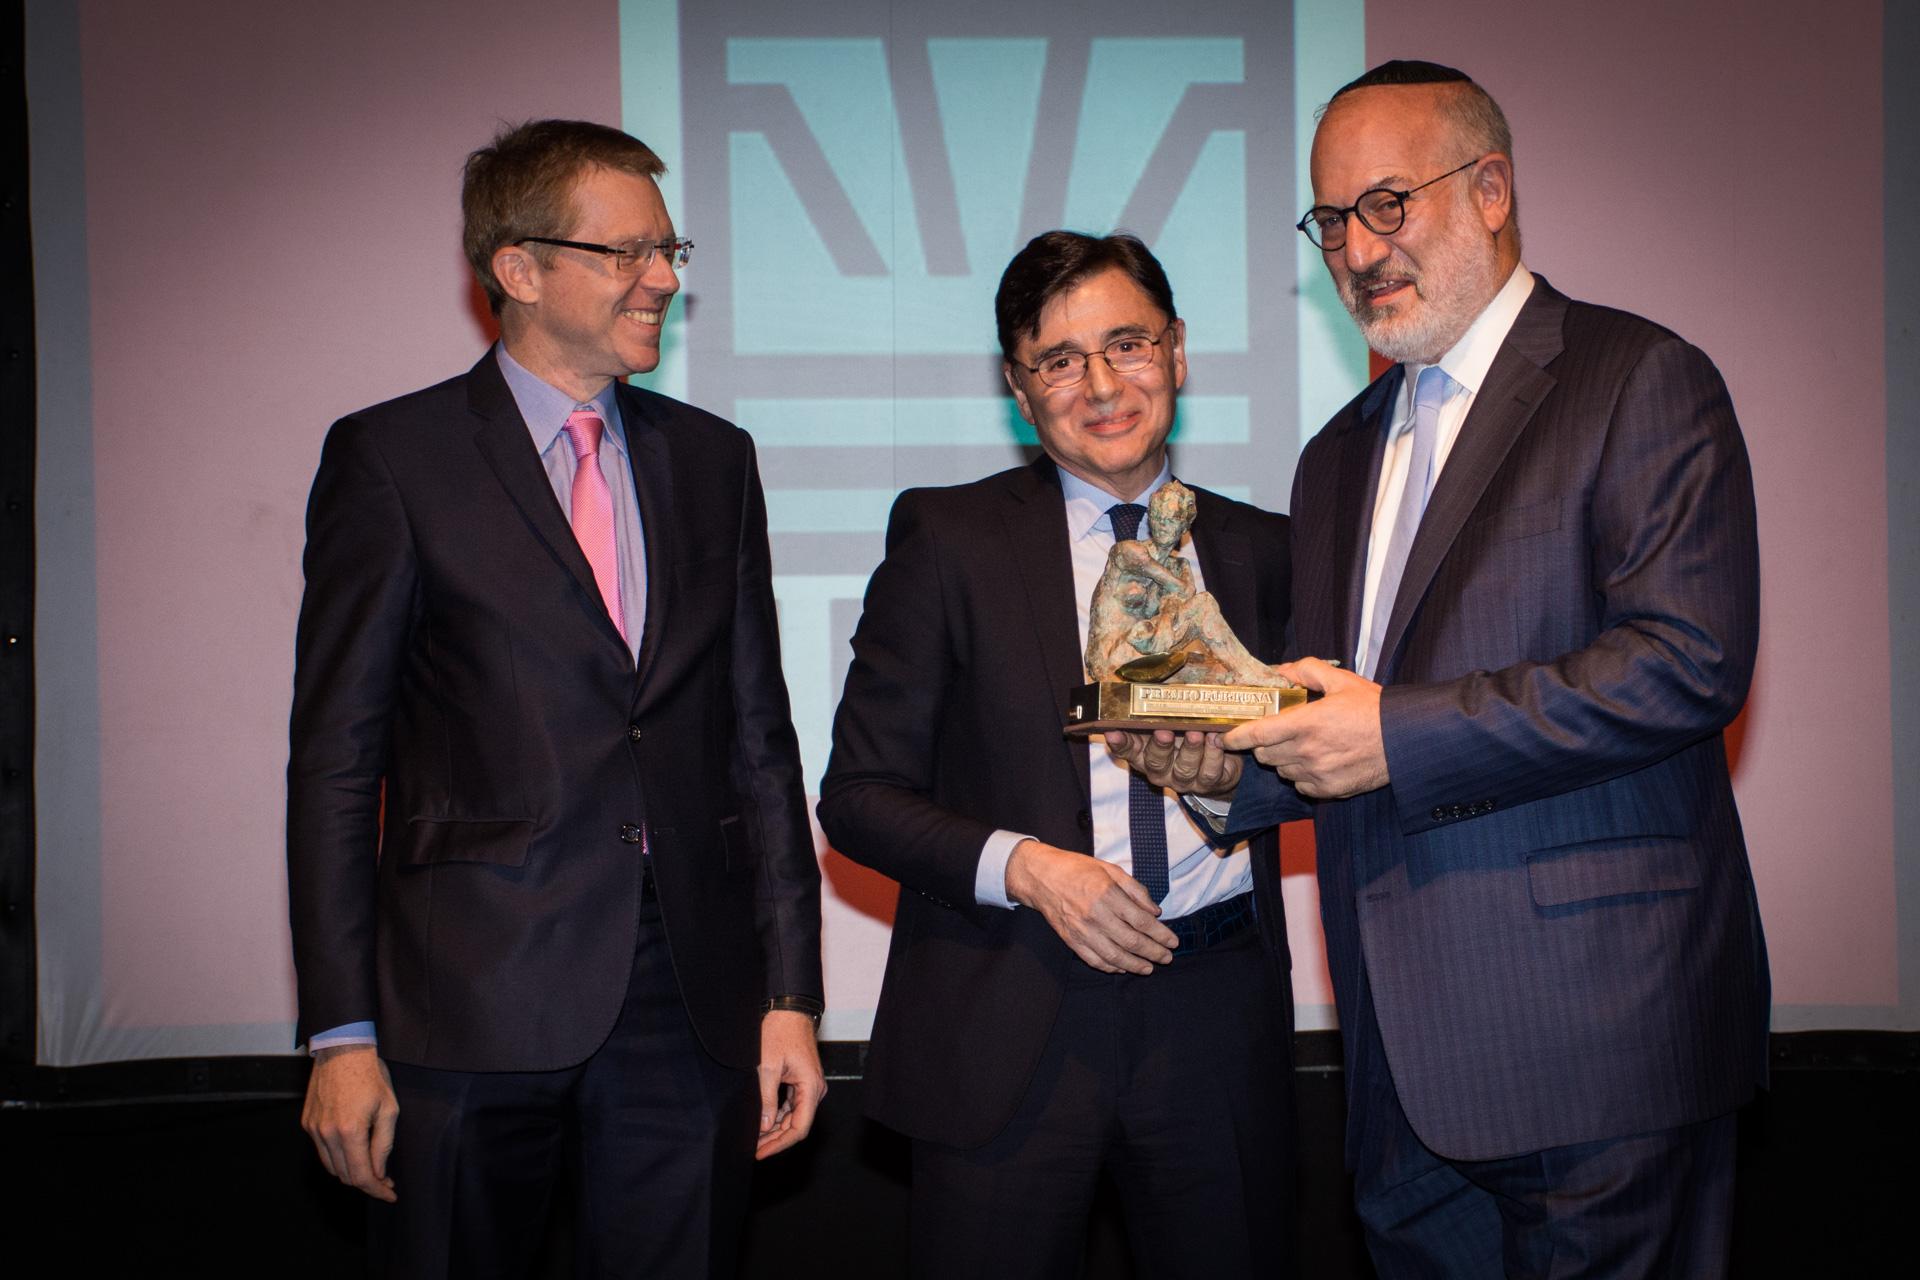 El premio Fortuna a la Trayectoria Empresarial fue para Eduardo Elsztain, presidente de IRSA